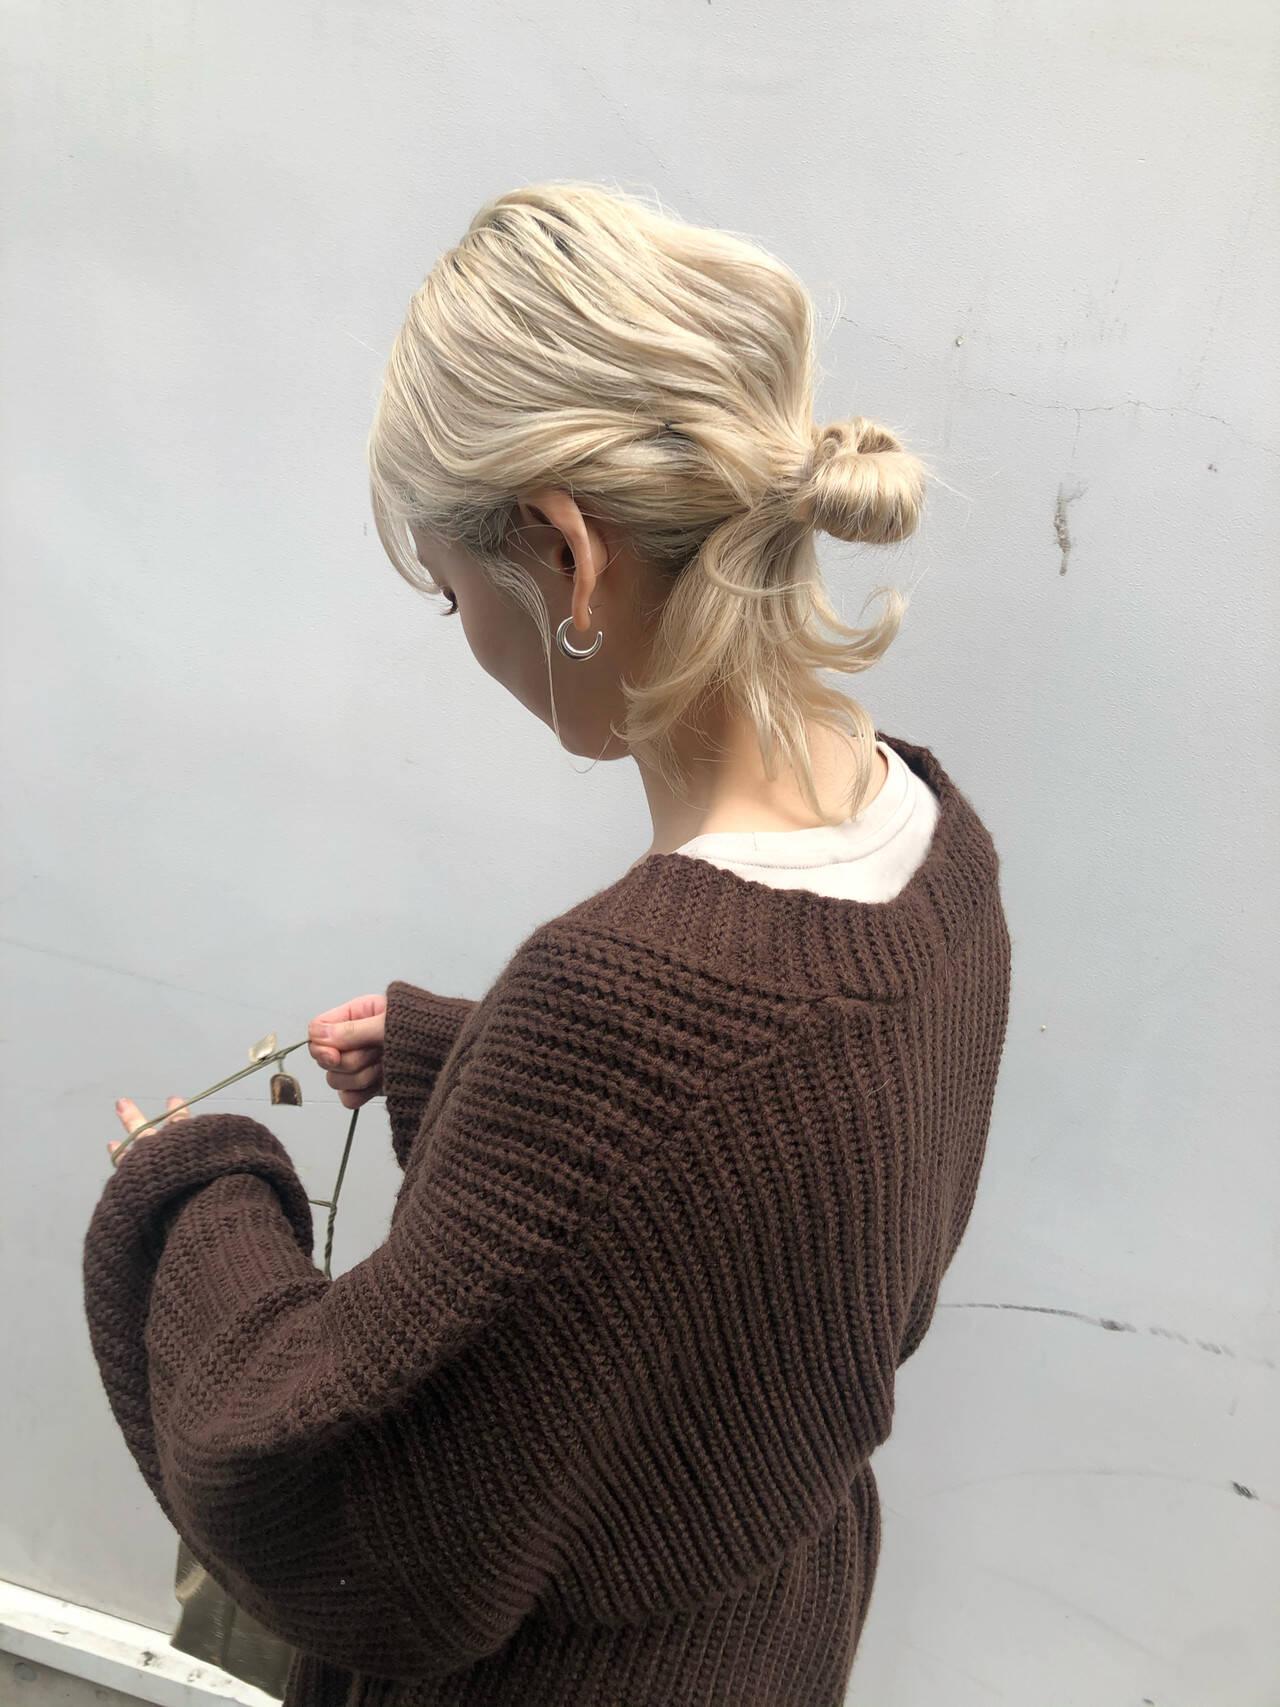 ハイトーン 簡単ヘアアレンジ ロング ハイトーンカラーヘアスタイルや髪型の写真・画像